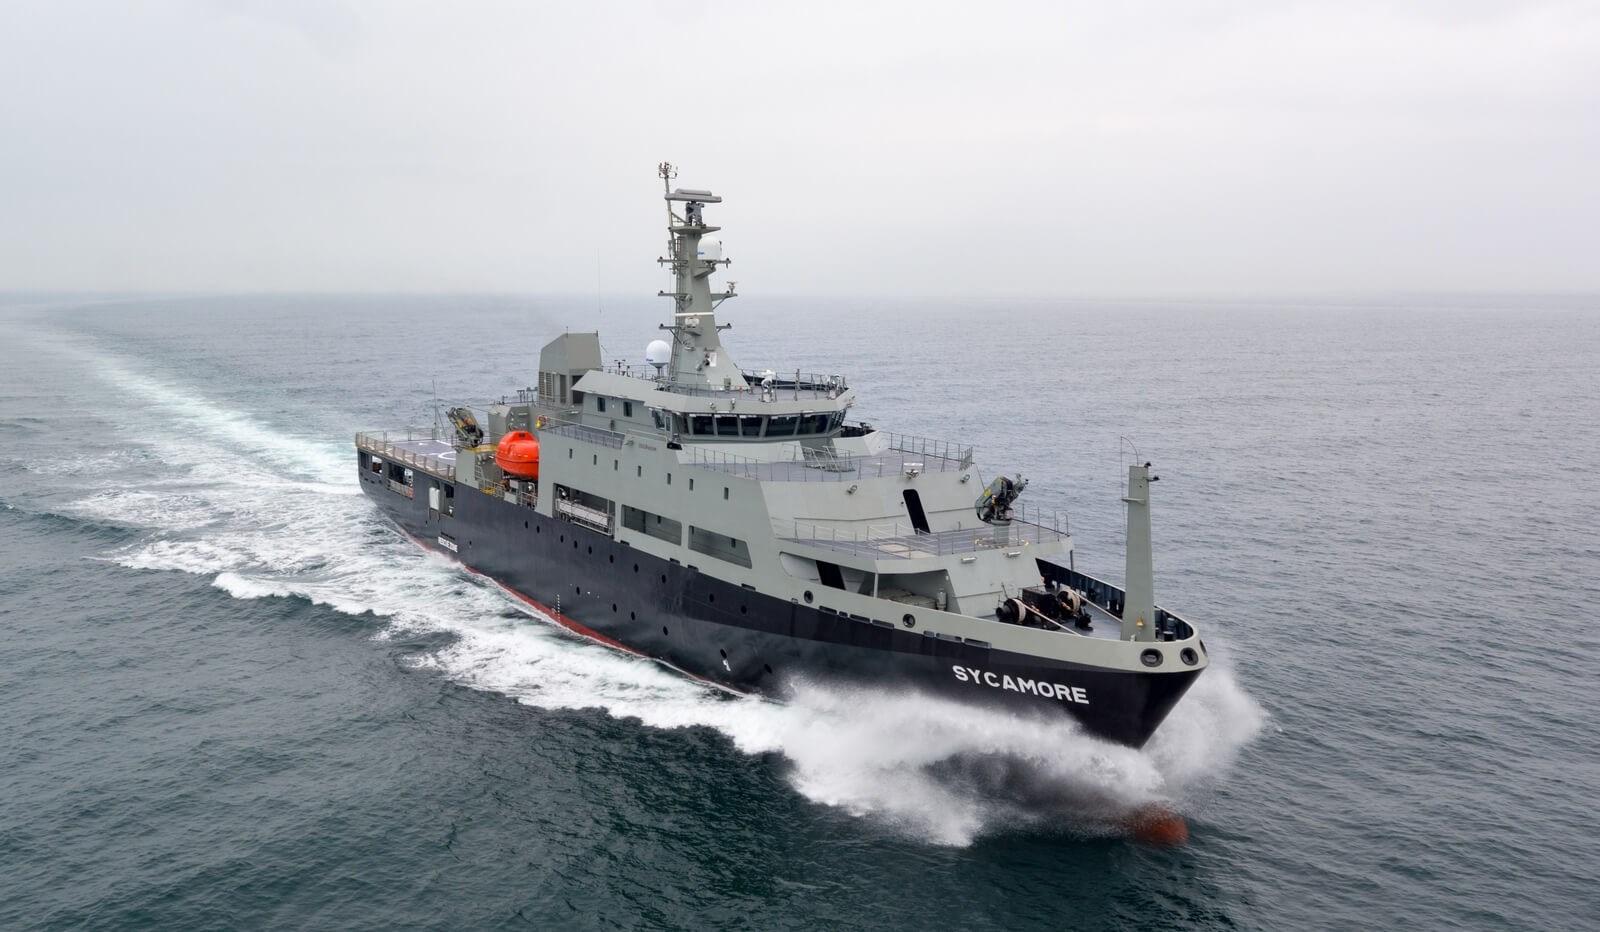 Построенный группой Damen Shipyards Group для министерства обороны Австралии многоцелевой авианесущий учебный корабль (Multi-role Aviation Training Vessel - MATV) Sycamore на испытаниях (.